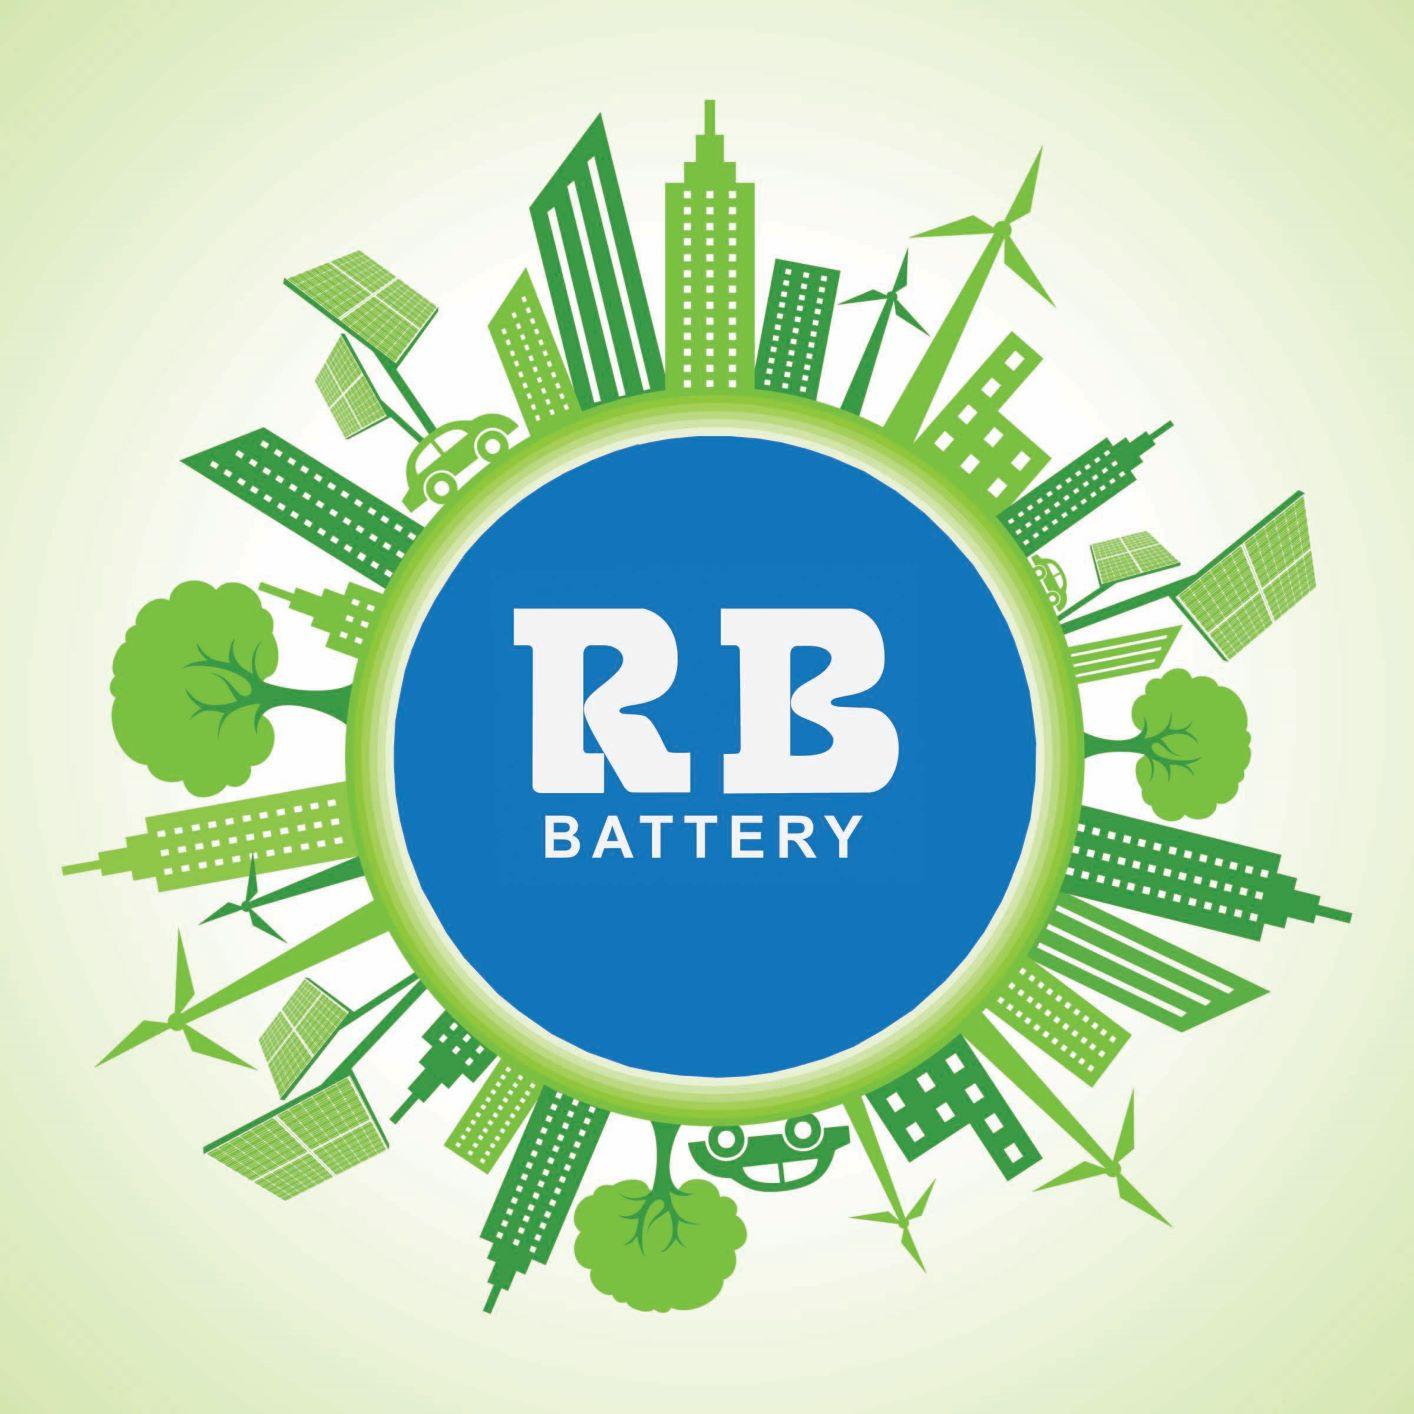 RB Battery Renewable s.jpg